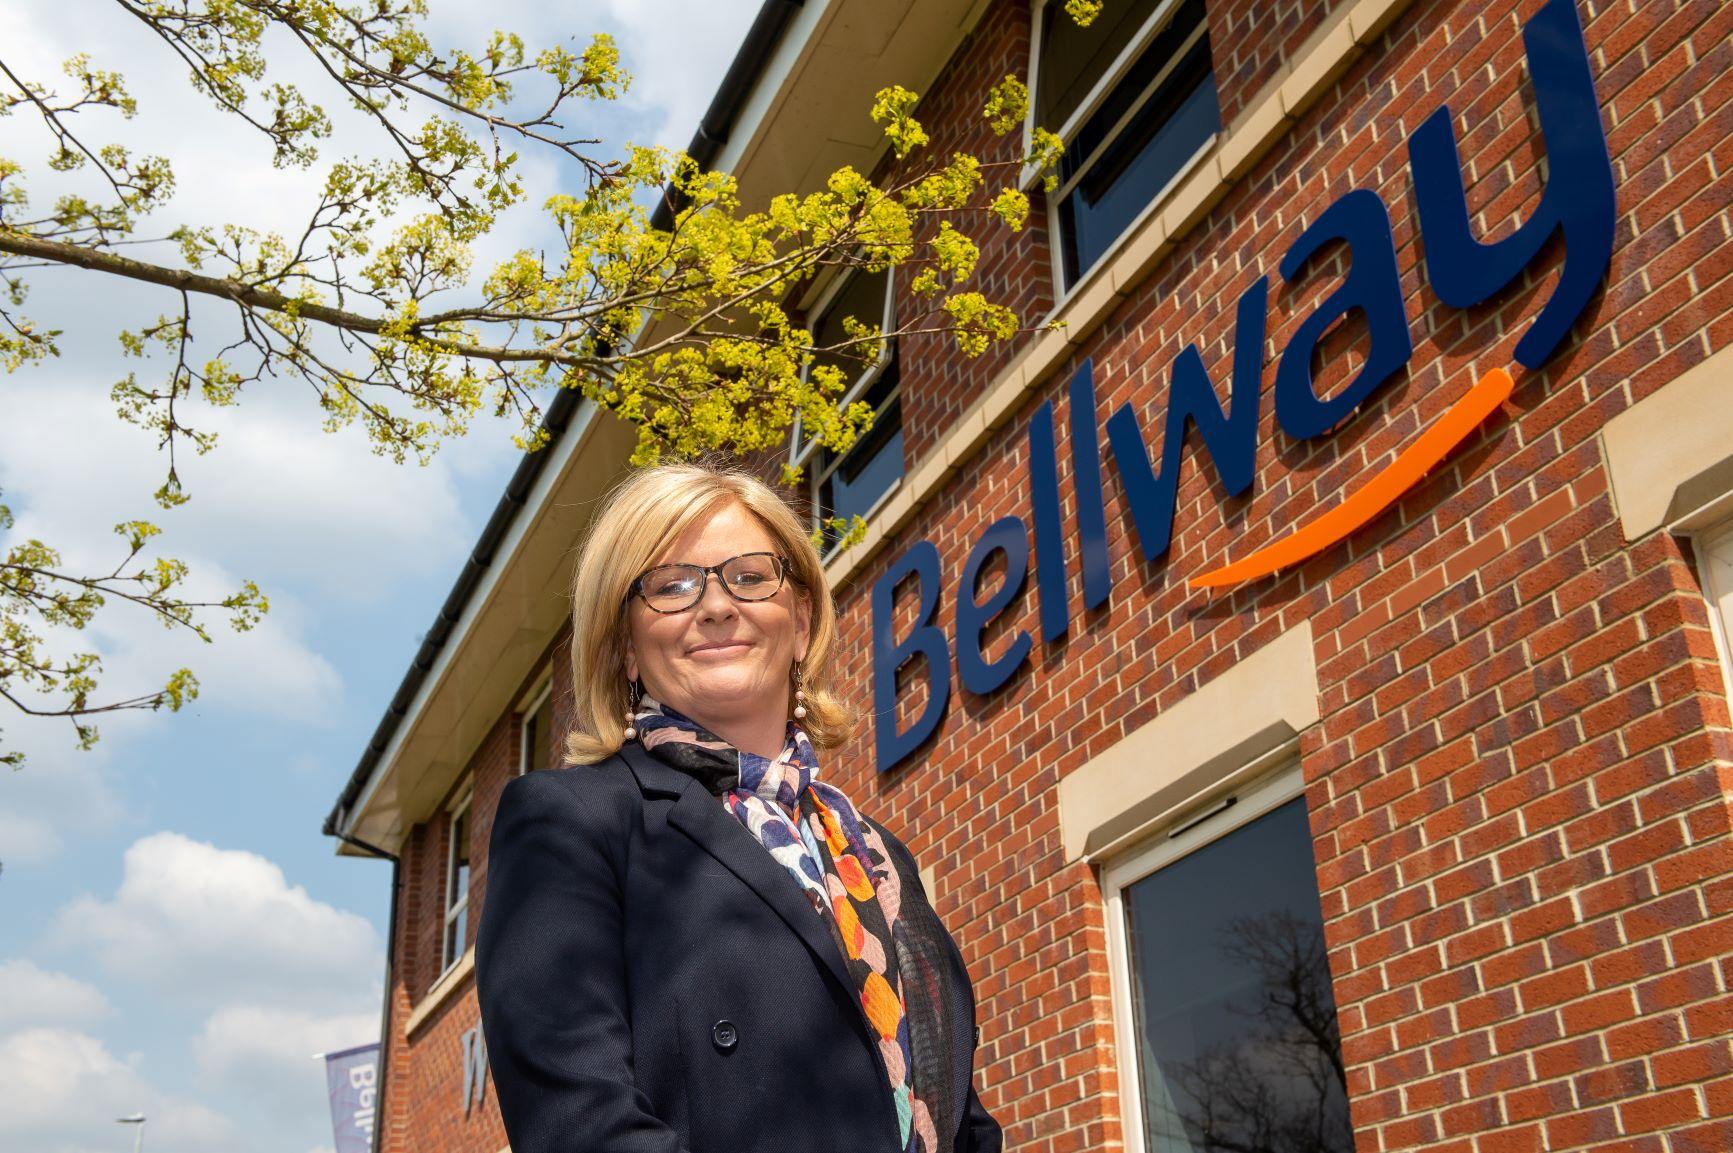 Bellway East Midlands welcomes new Sales Director